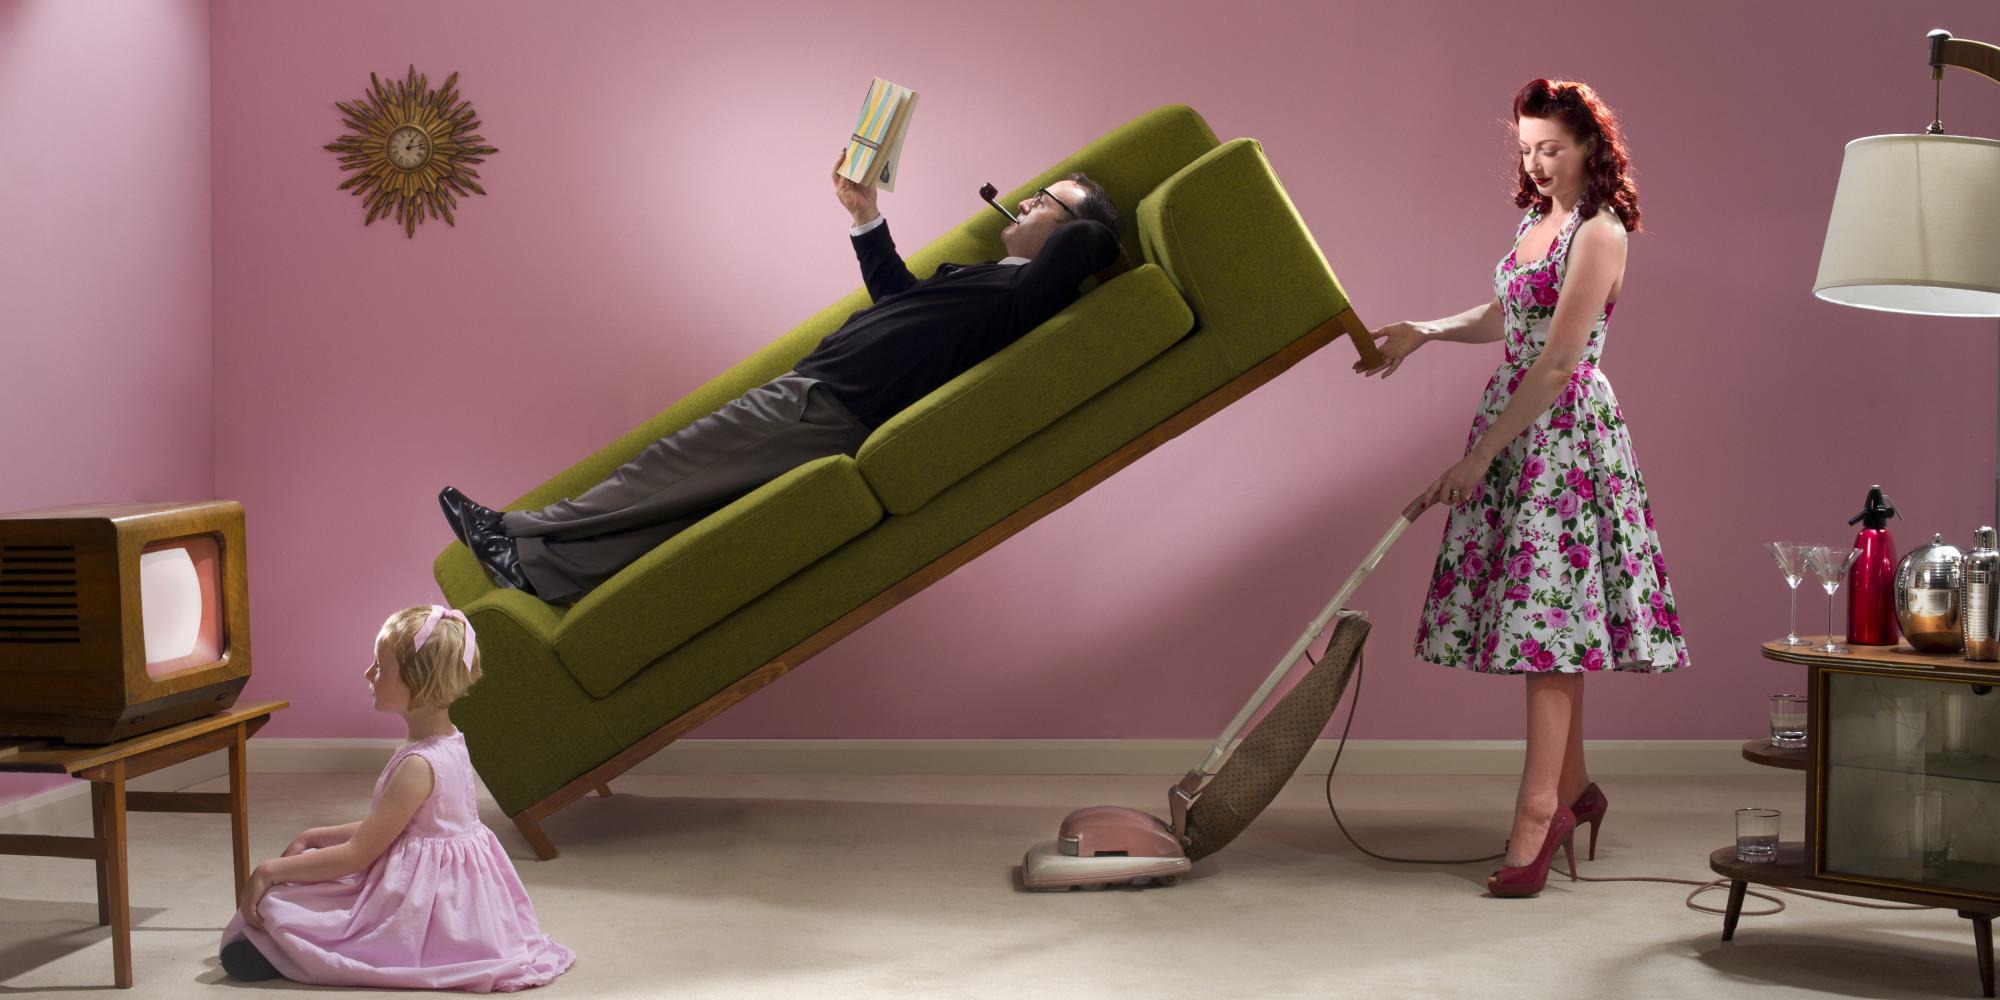 5 секретов от тех, у кого всегда в доме чисто